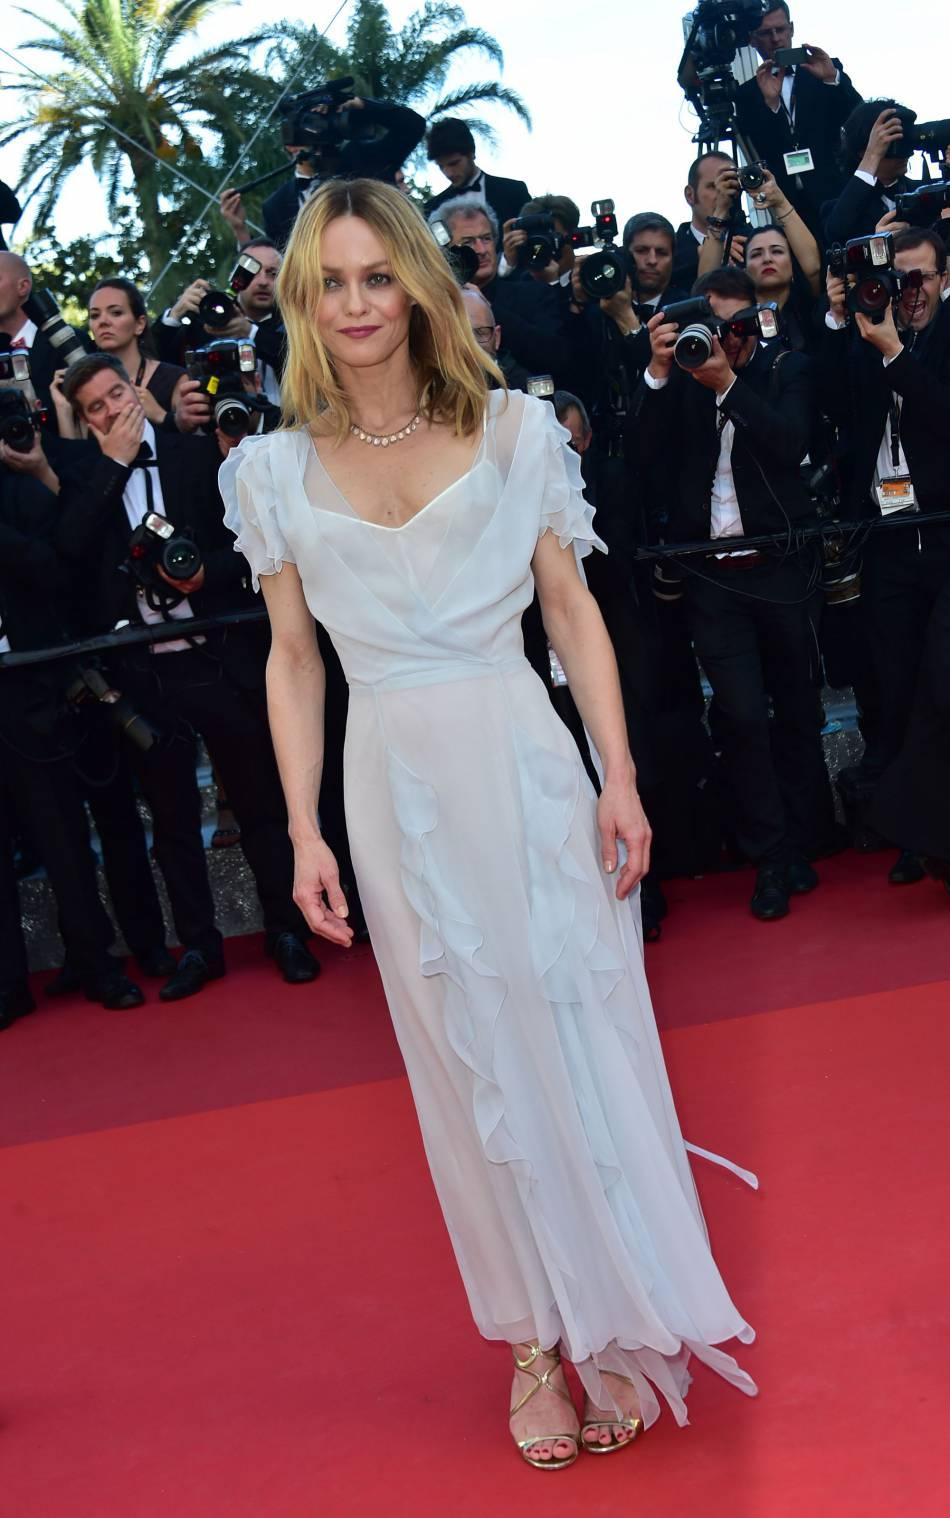 Vanessa Paradis, beauté intemporelle dans une robe romantique.